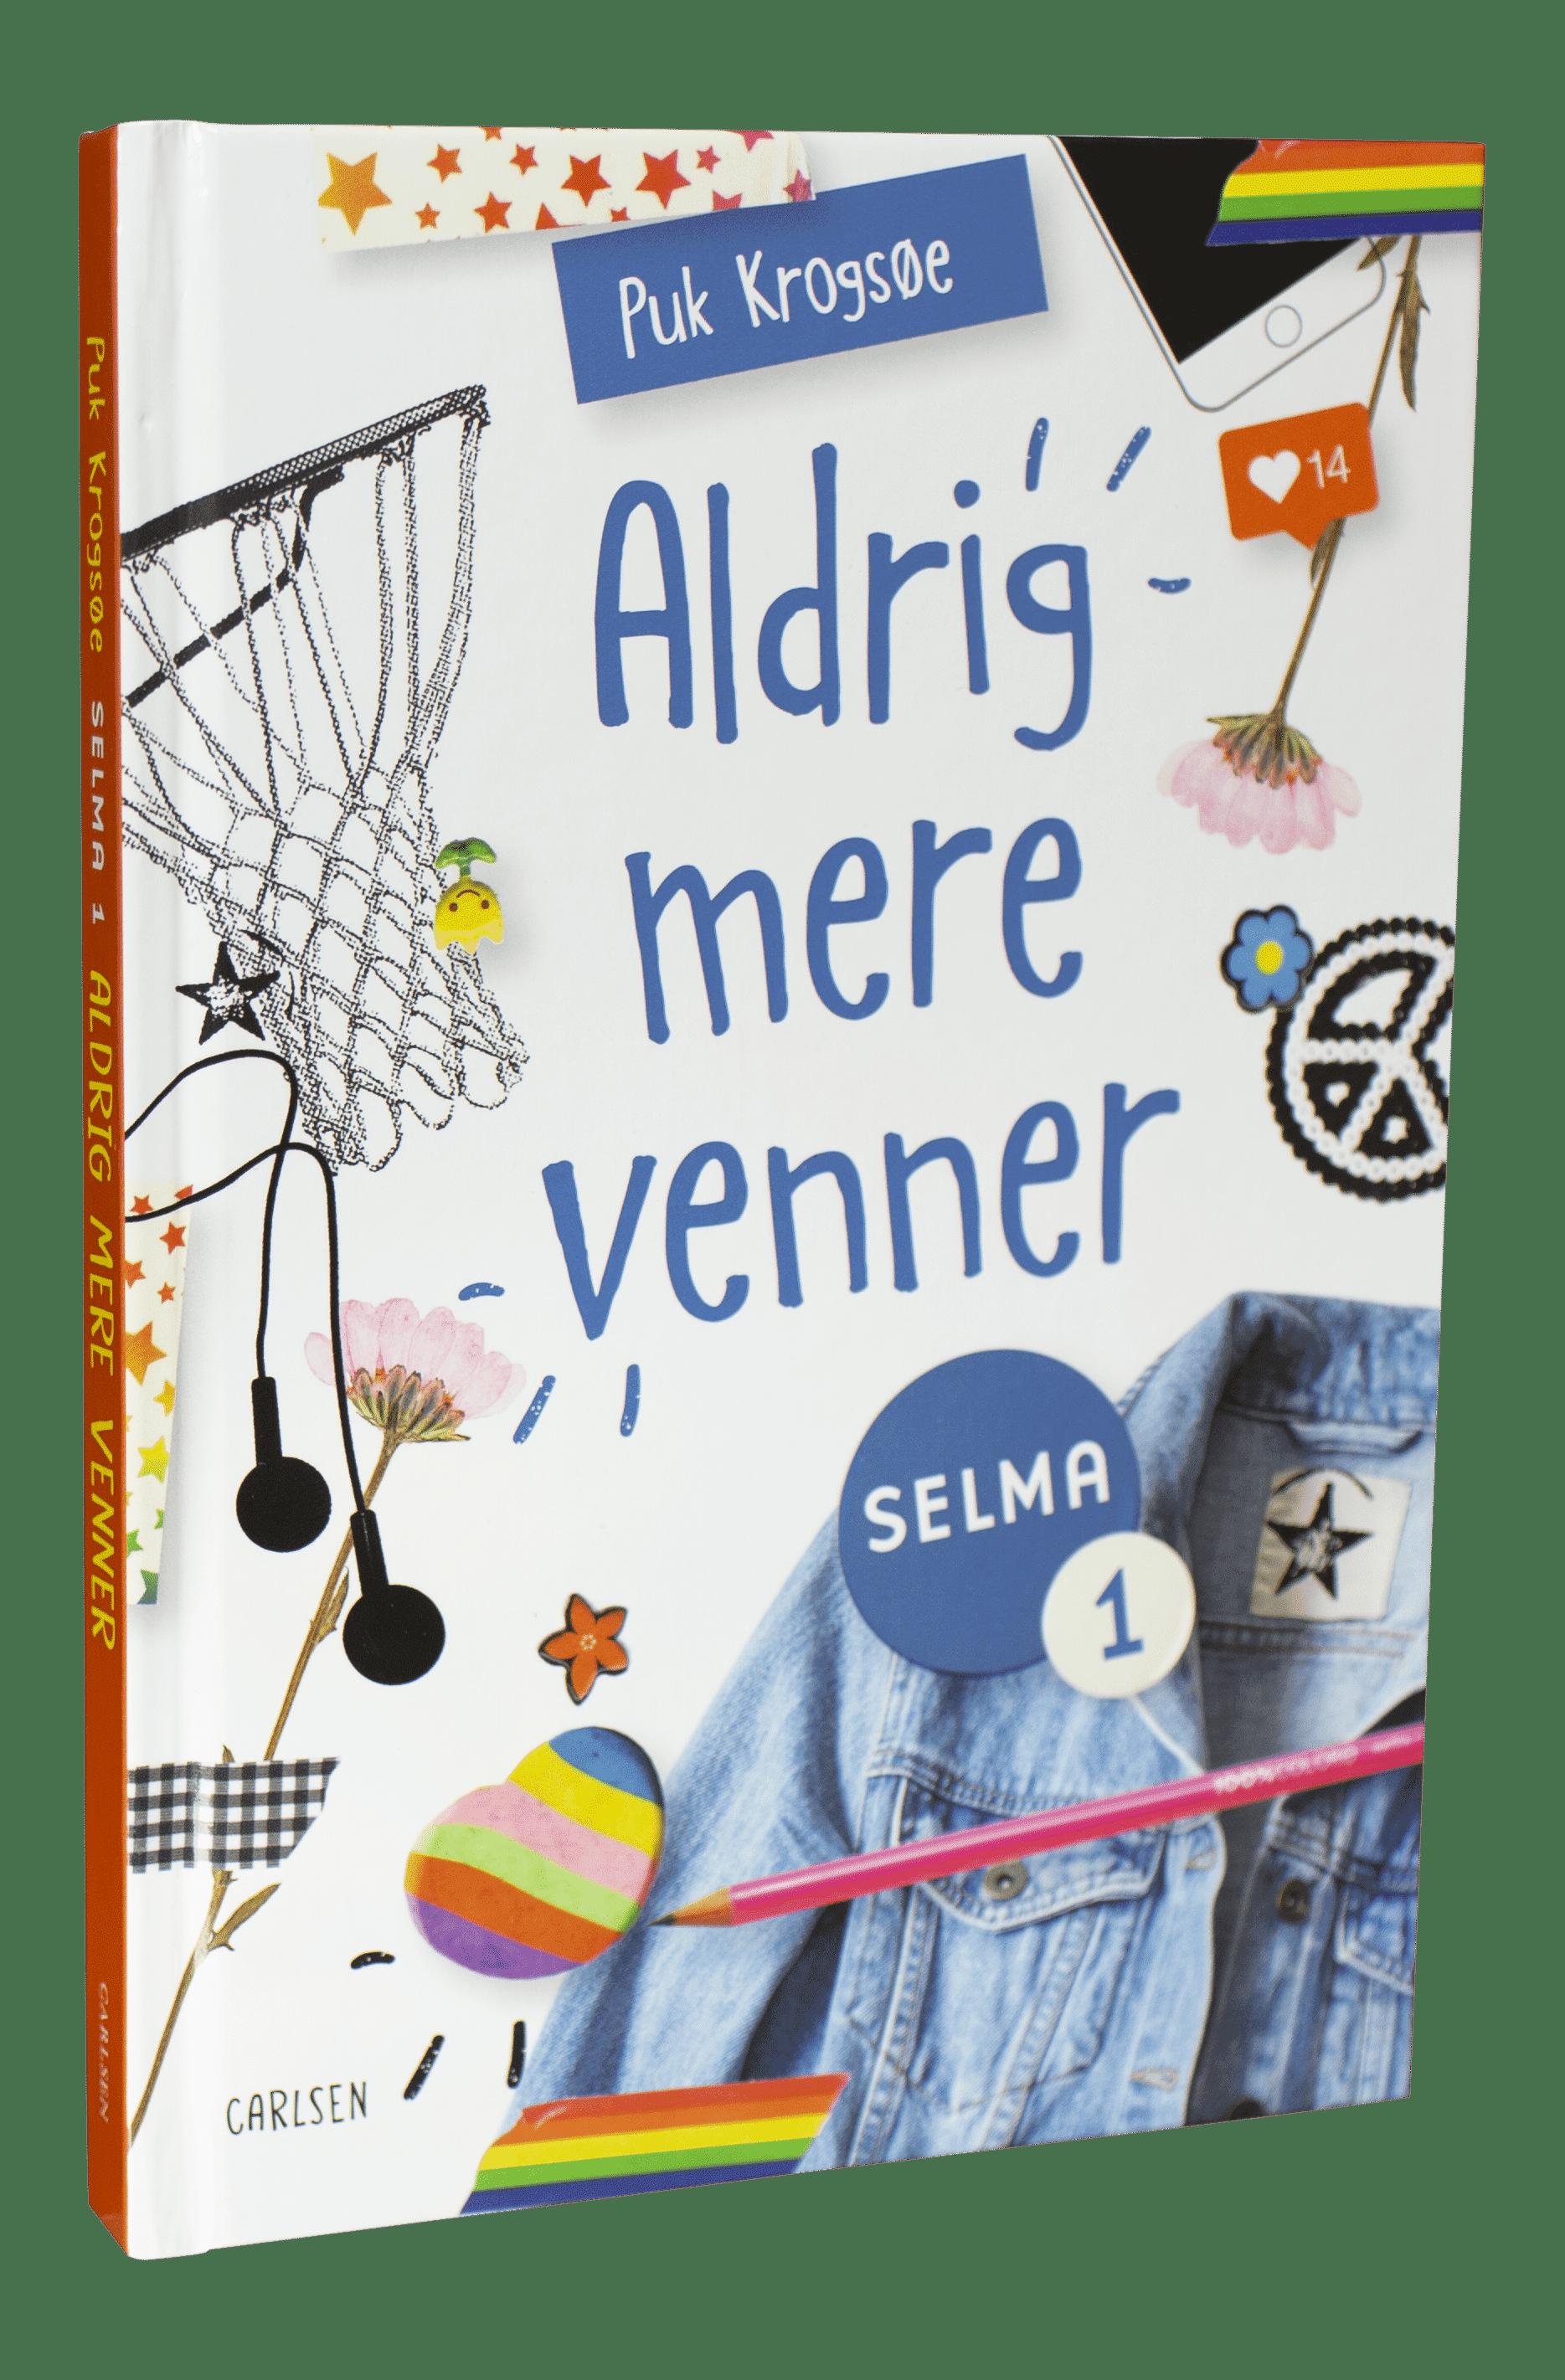 Selma, Selma-bøgerne, Puk Krogsøe, Aldrig mere venner, børnebog, børnebøger, bøger til piger